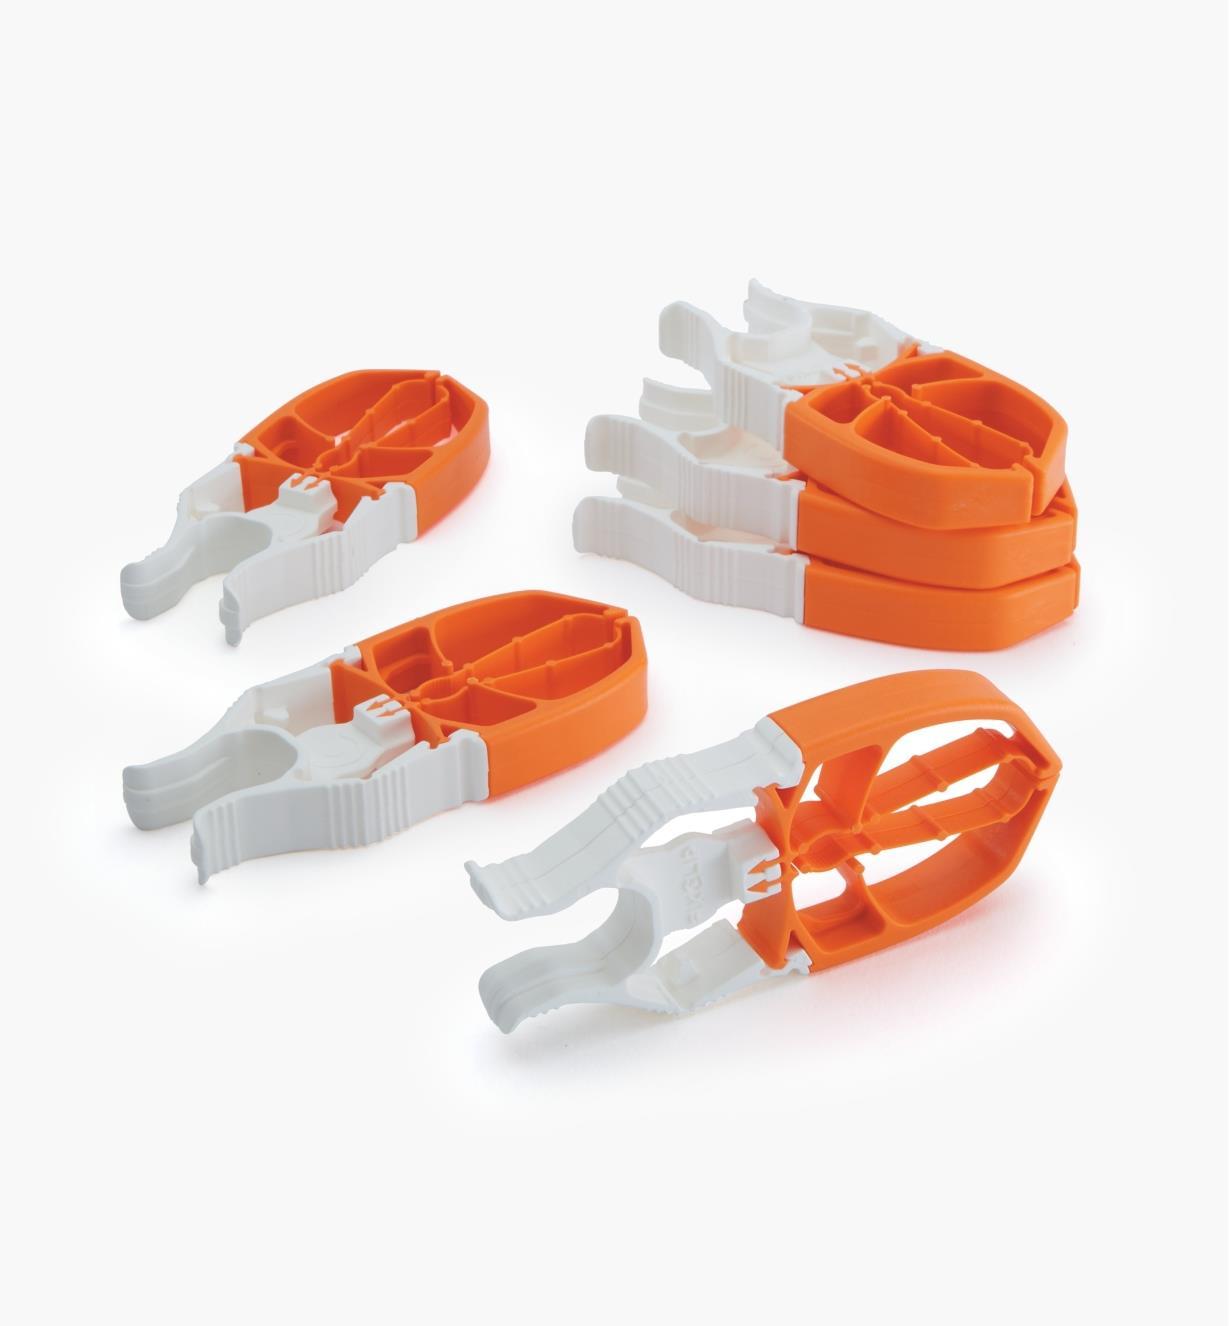 09A0216 - FixClip Clothespins, pkg. of 6